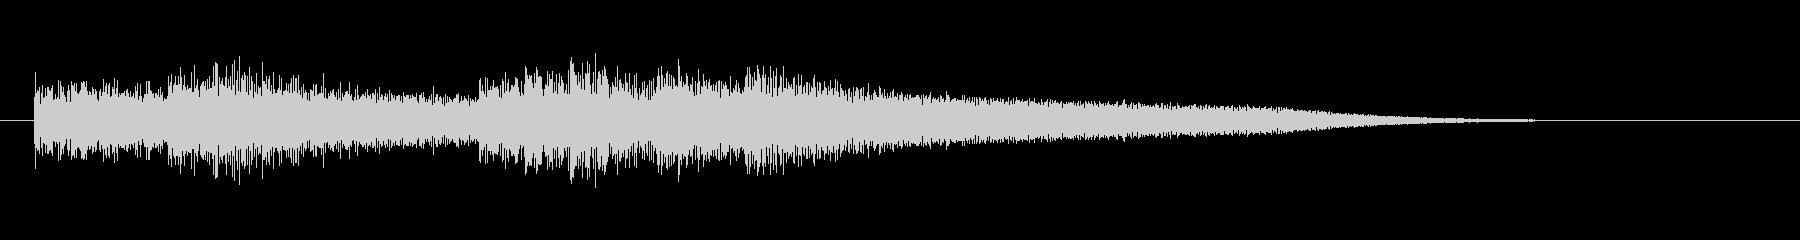 鐘の音 ワーグナーのライトモチーフの未再生の波形